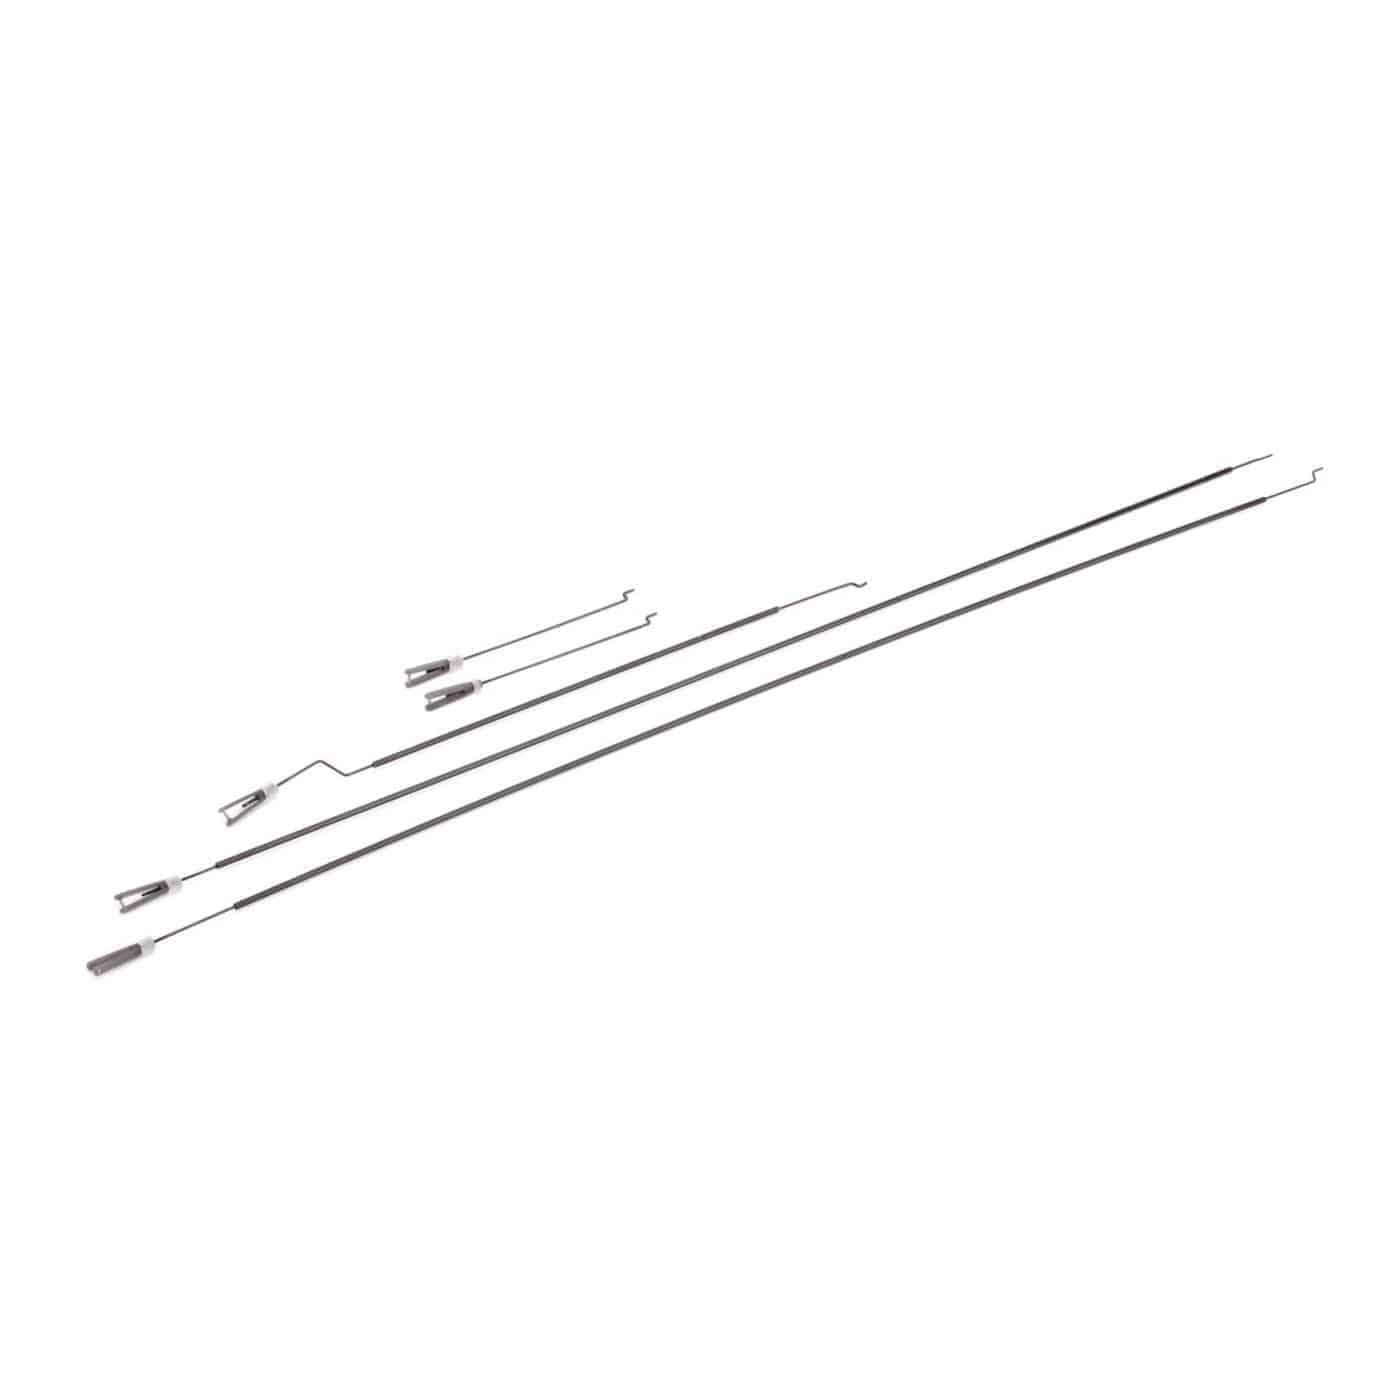 (EFL310005) - Pushrod Set: Apprentice S 15e RTF